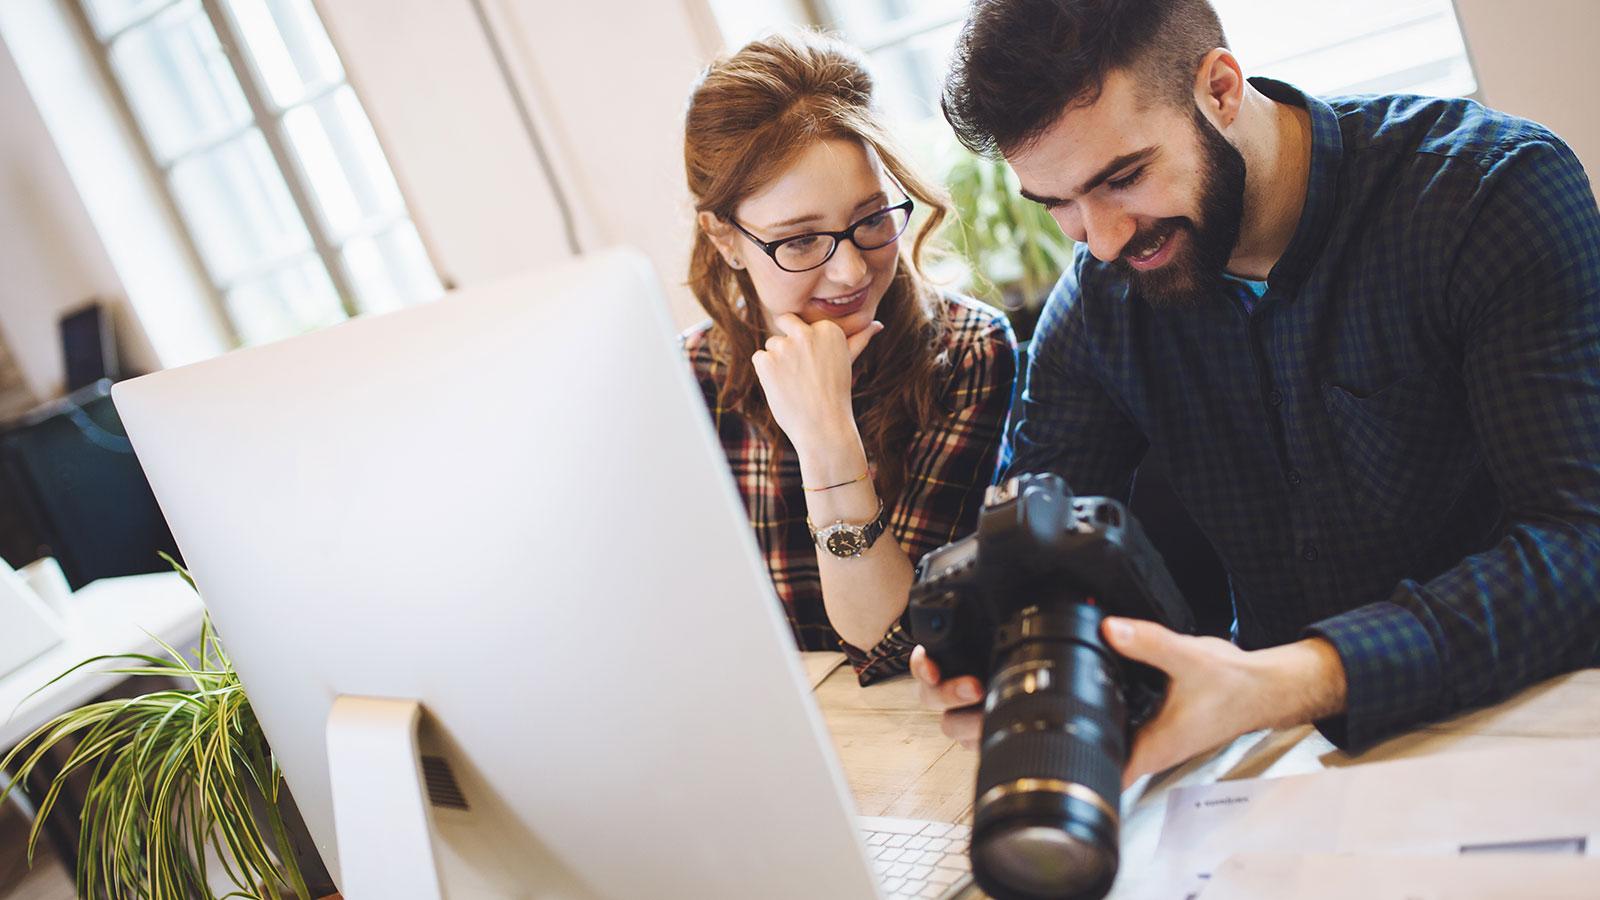 videos1 - Como ter vídeos profissionais para a sua estratégia de marketing?